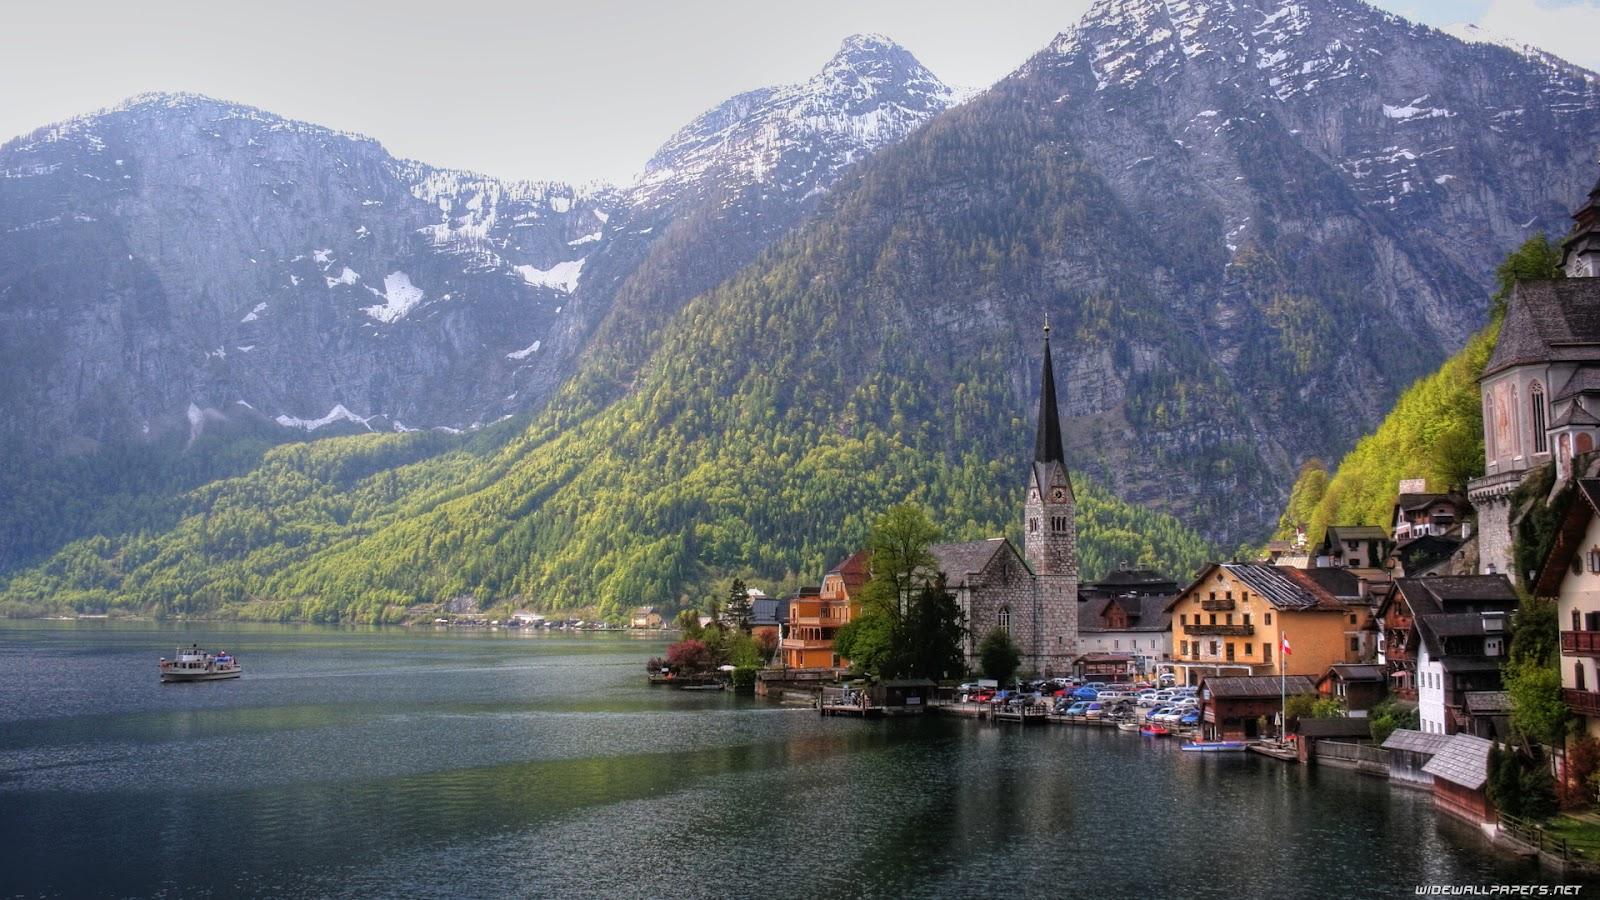 http://1.bp.blogspot.com/-uAkjQnMhHZM/T2GvzHGVaRI/AAAAAAAACUc/ds6dm12UdKs/s1600/Austria-1920x1080-001.jpg